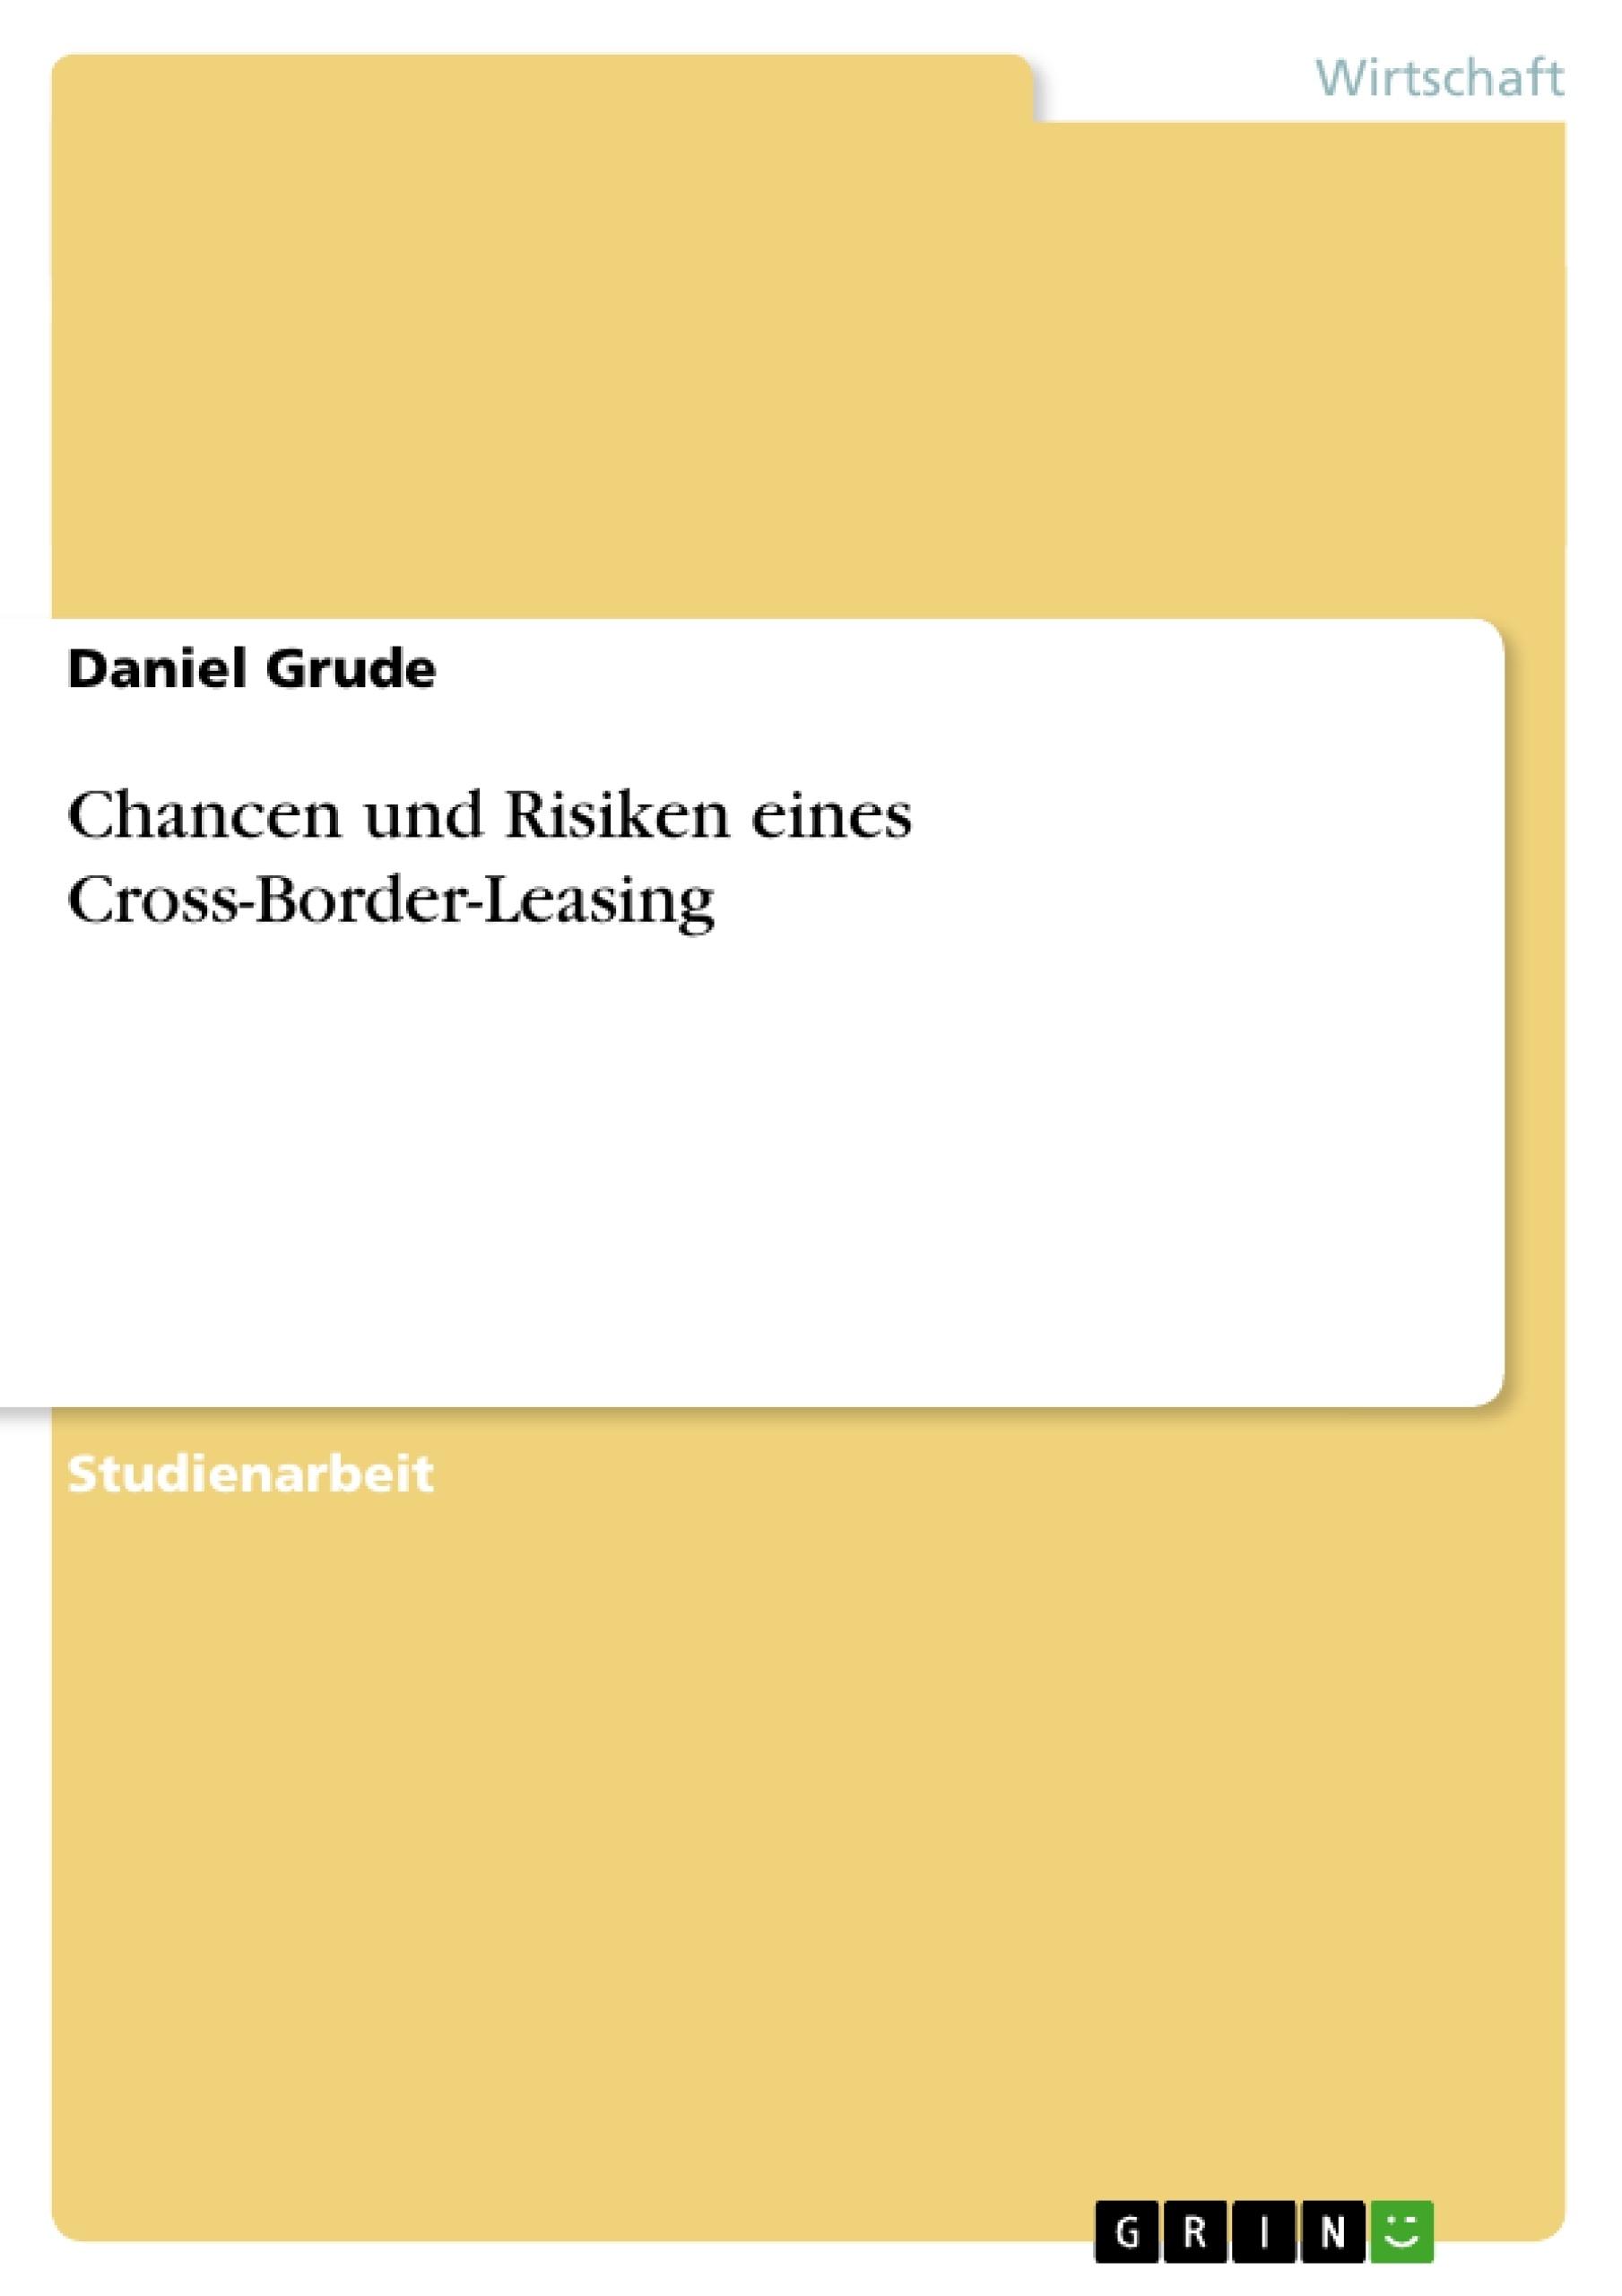 Titel: Chancen und Risiken eines Cross-Border-Leasing